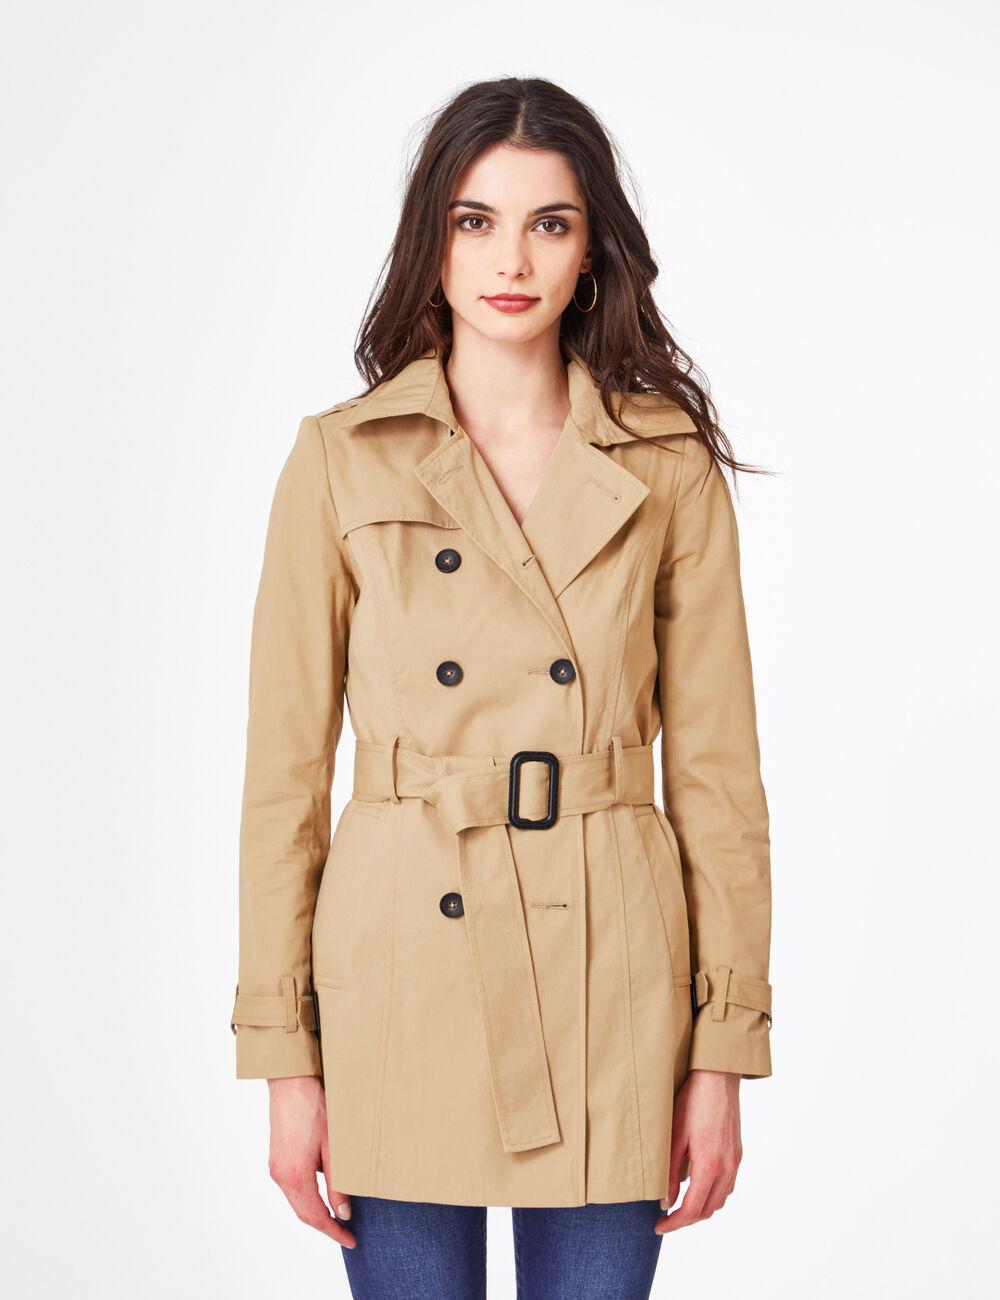 Classique et décontractée à la fois, la veste trench-coat Refined est une pièce pratique et chic pour l'hiver. Entièrement imperméable, cette veste est dotée de coutures soudées et possède une membrane interne pour plus de respirabilité.